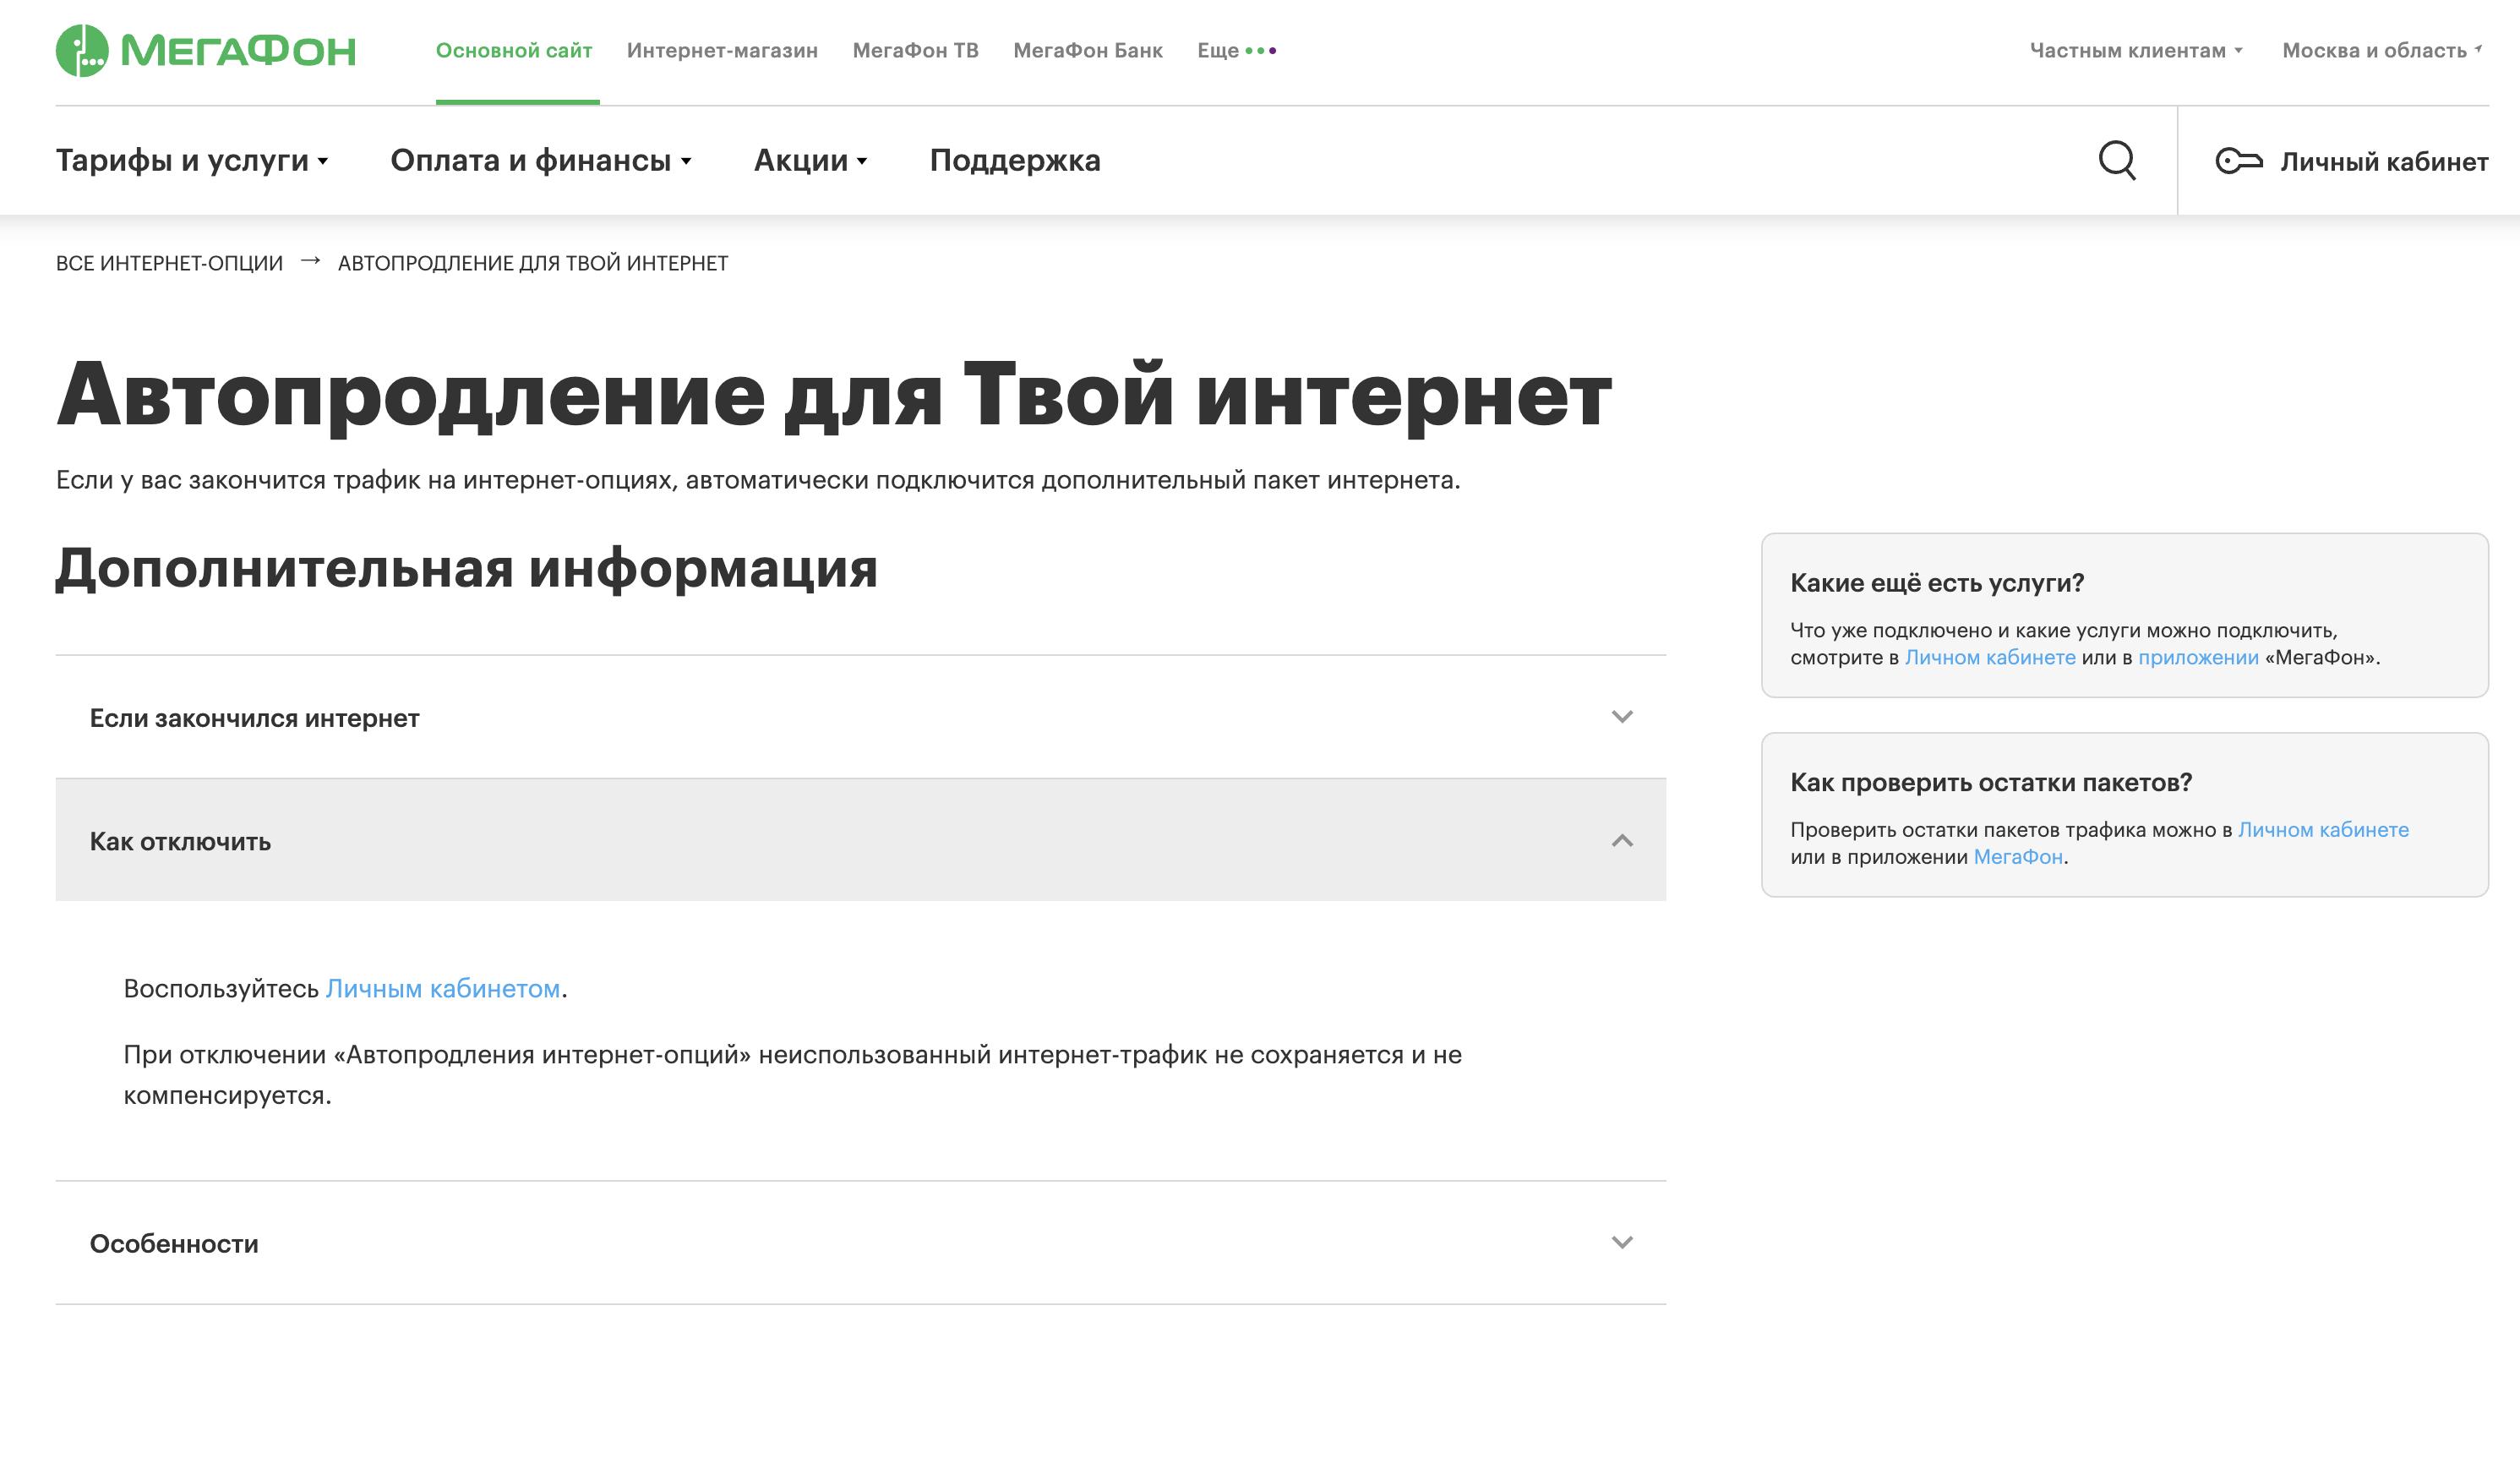 отключение услуги автоматического продления интернета Твой Интернет